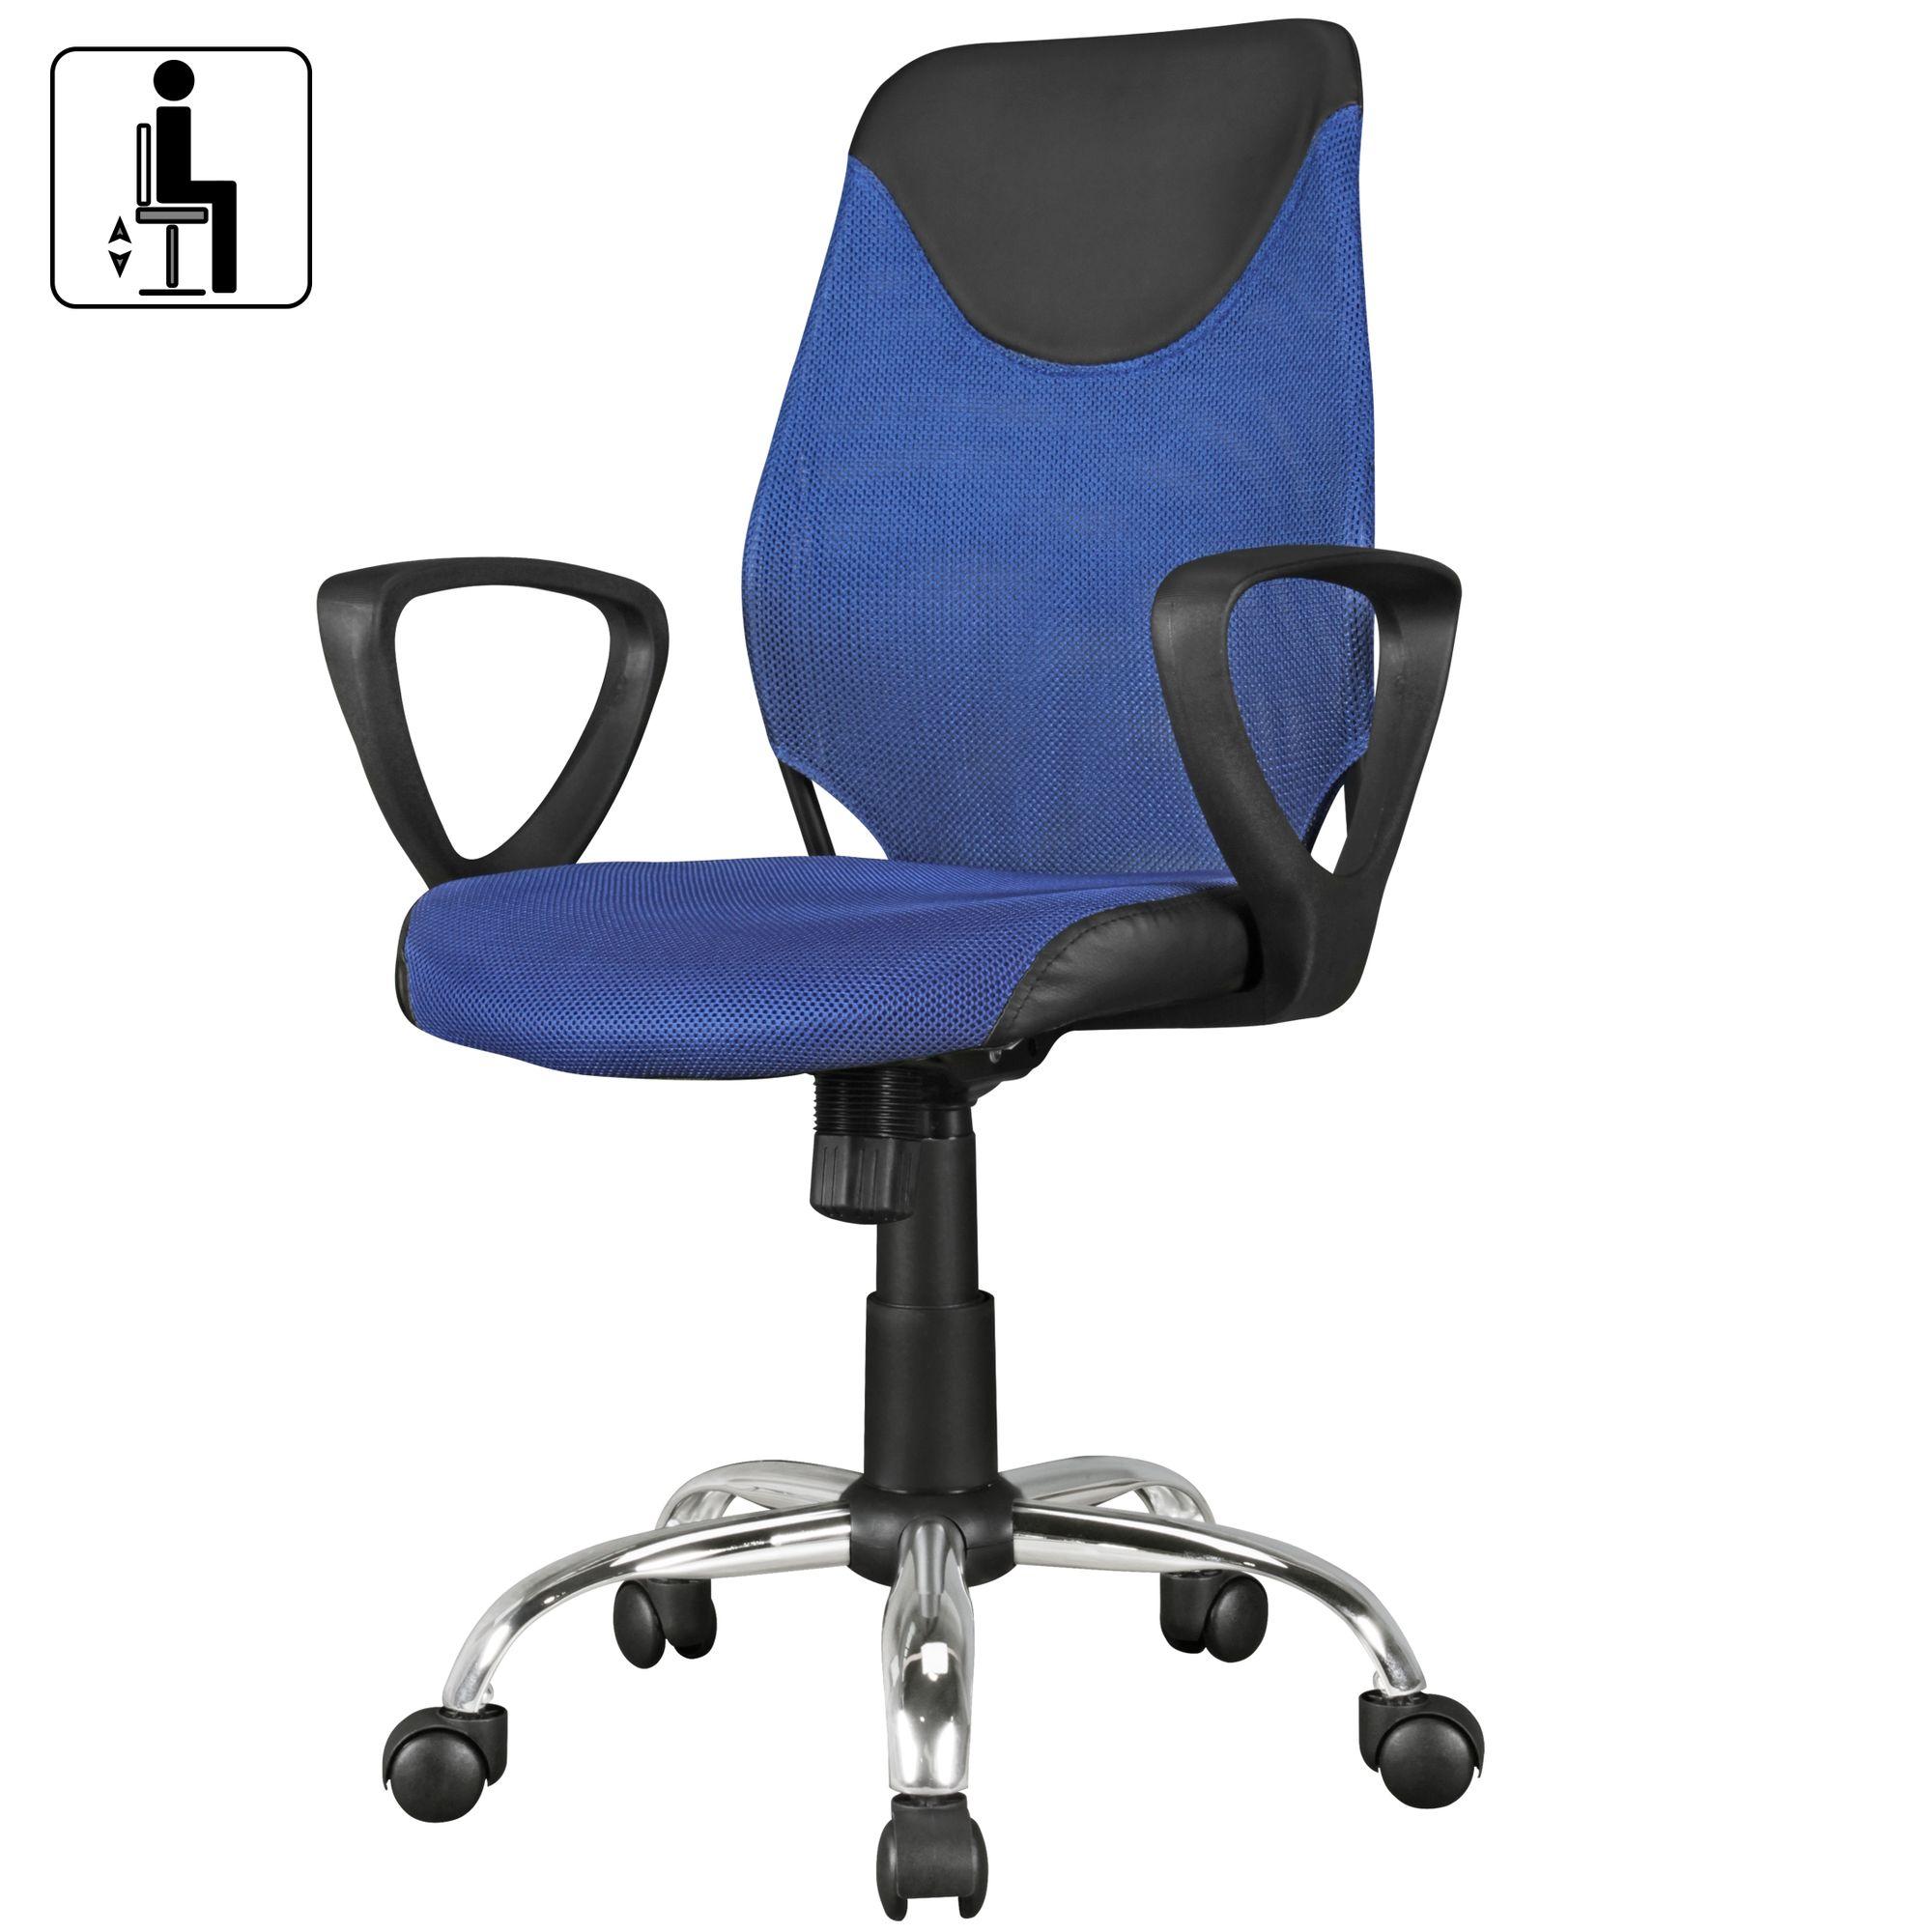 FineBuy Kinder Schreibtischstuhl KIM für Kinder ab 6 mit Lehne | Kinder Drehstuhl Kinder Bürostuhl ergonomisch | Jugendstuhl höhenverstellbar